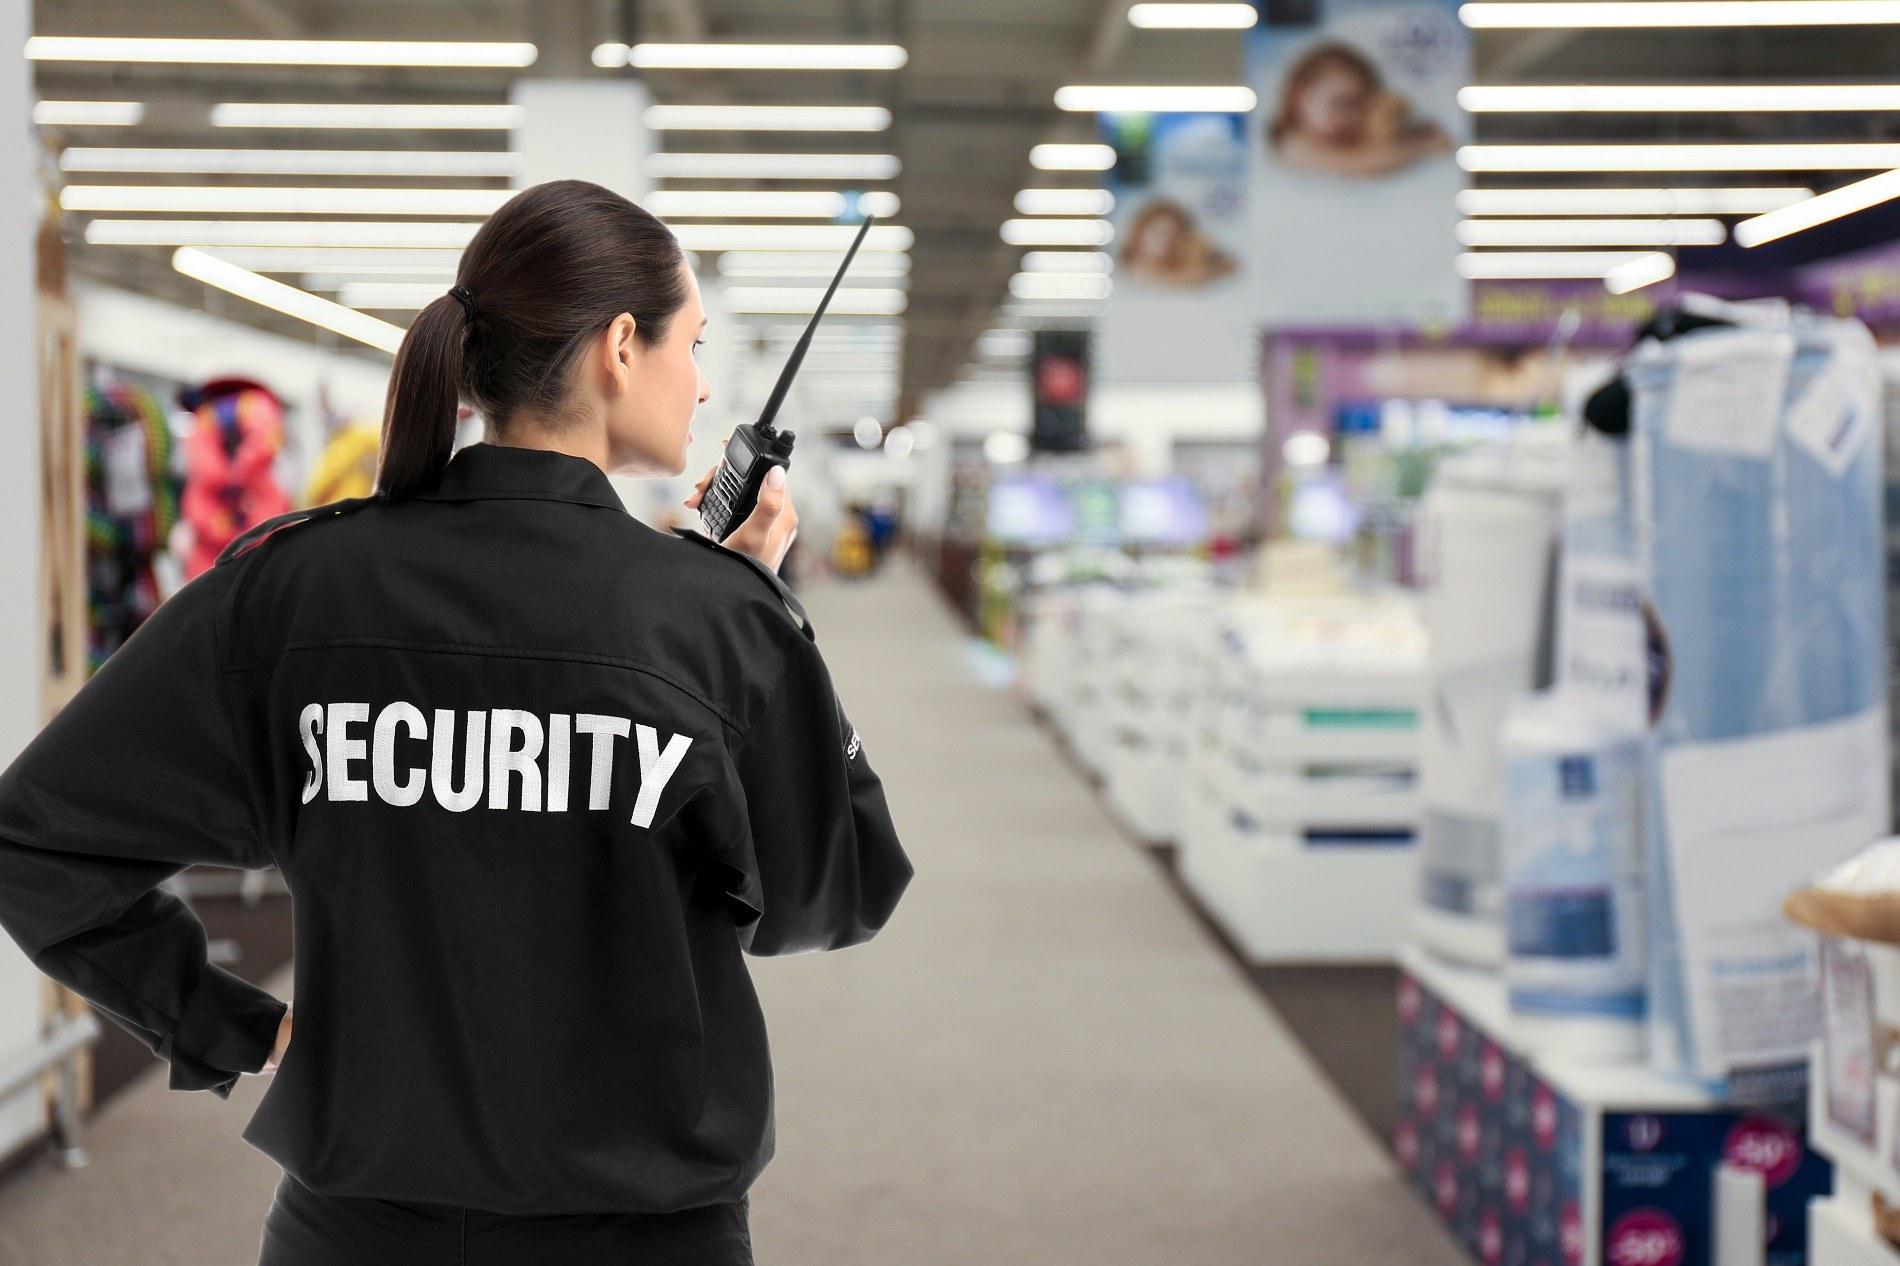 sicherheitsdienst security objektschutz brandwache brandschutz bewachung asb